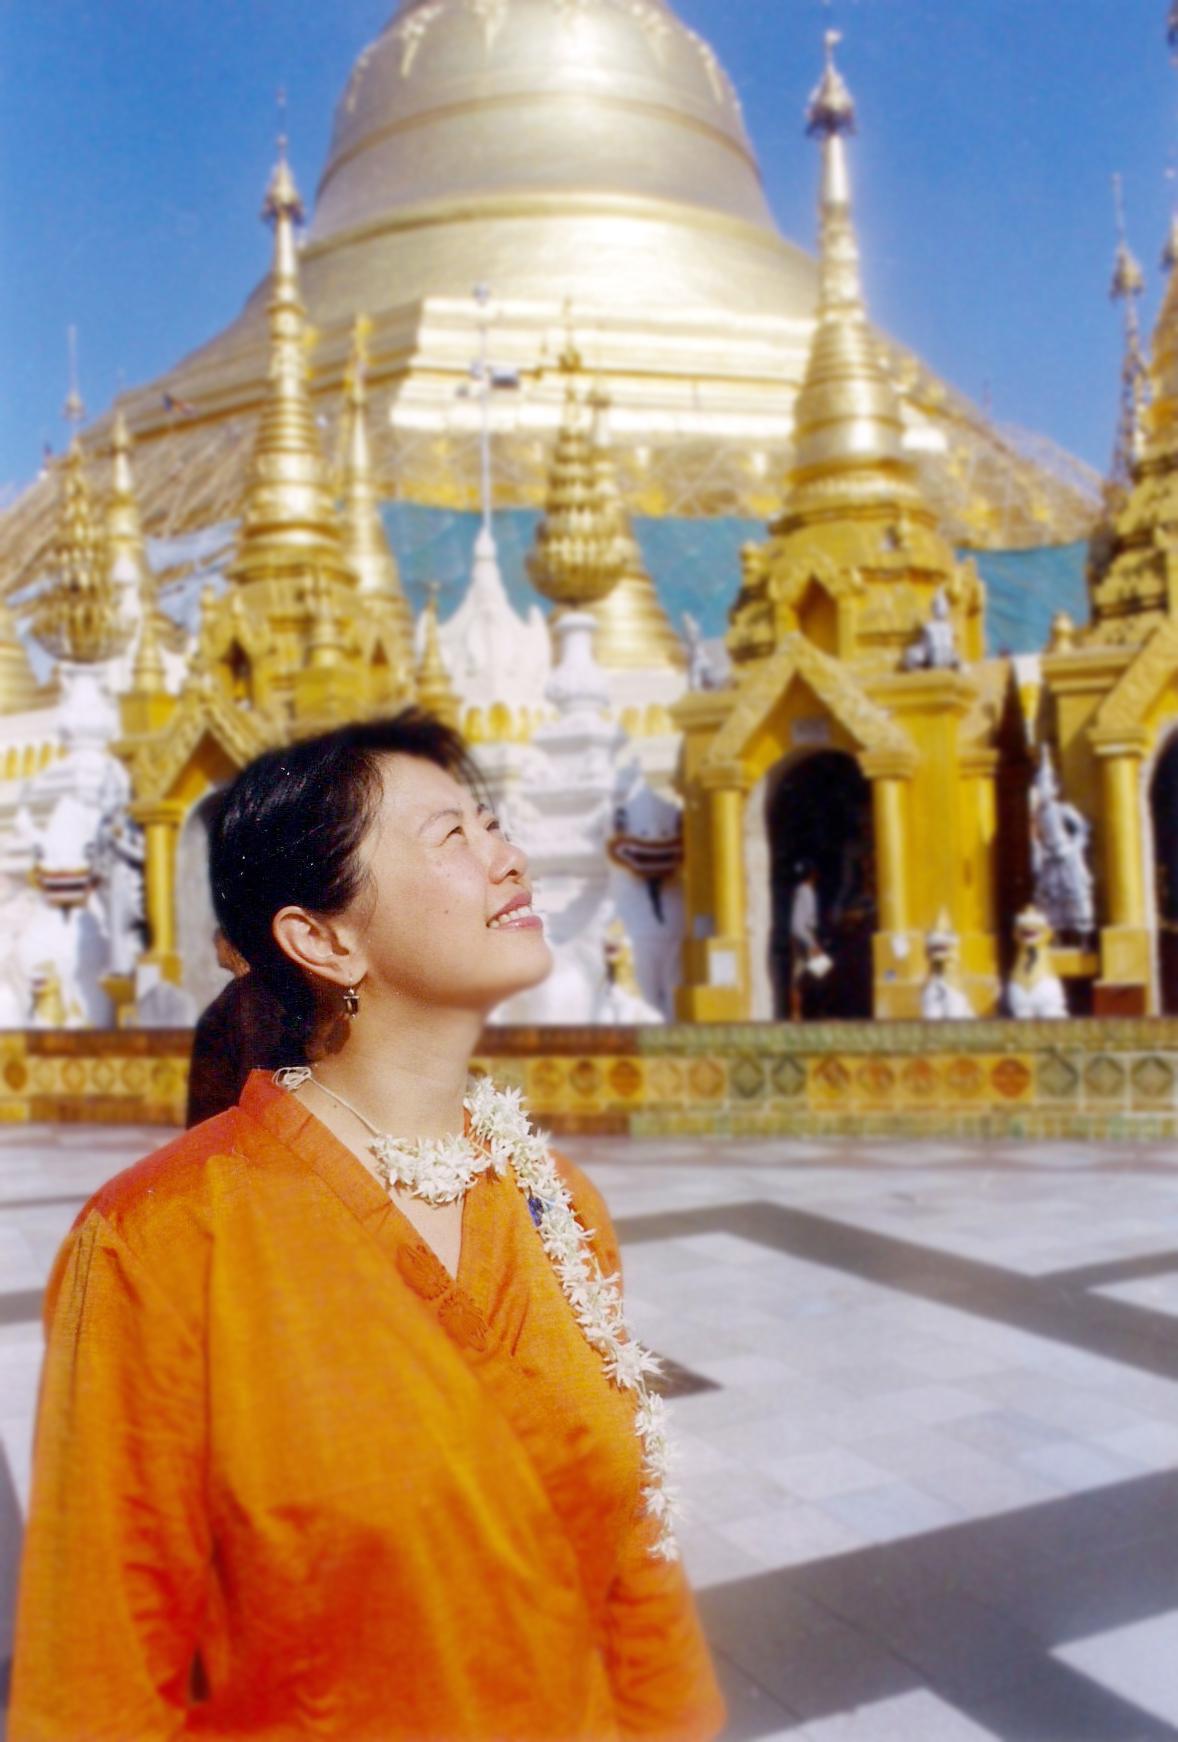 Yim Tom at Shwedagon Pagoda in Yangon Myanmar